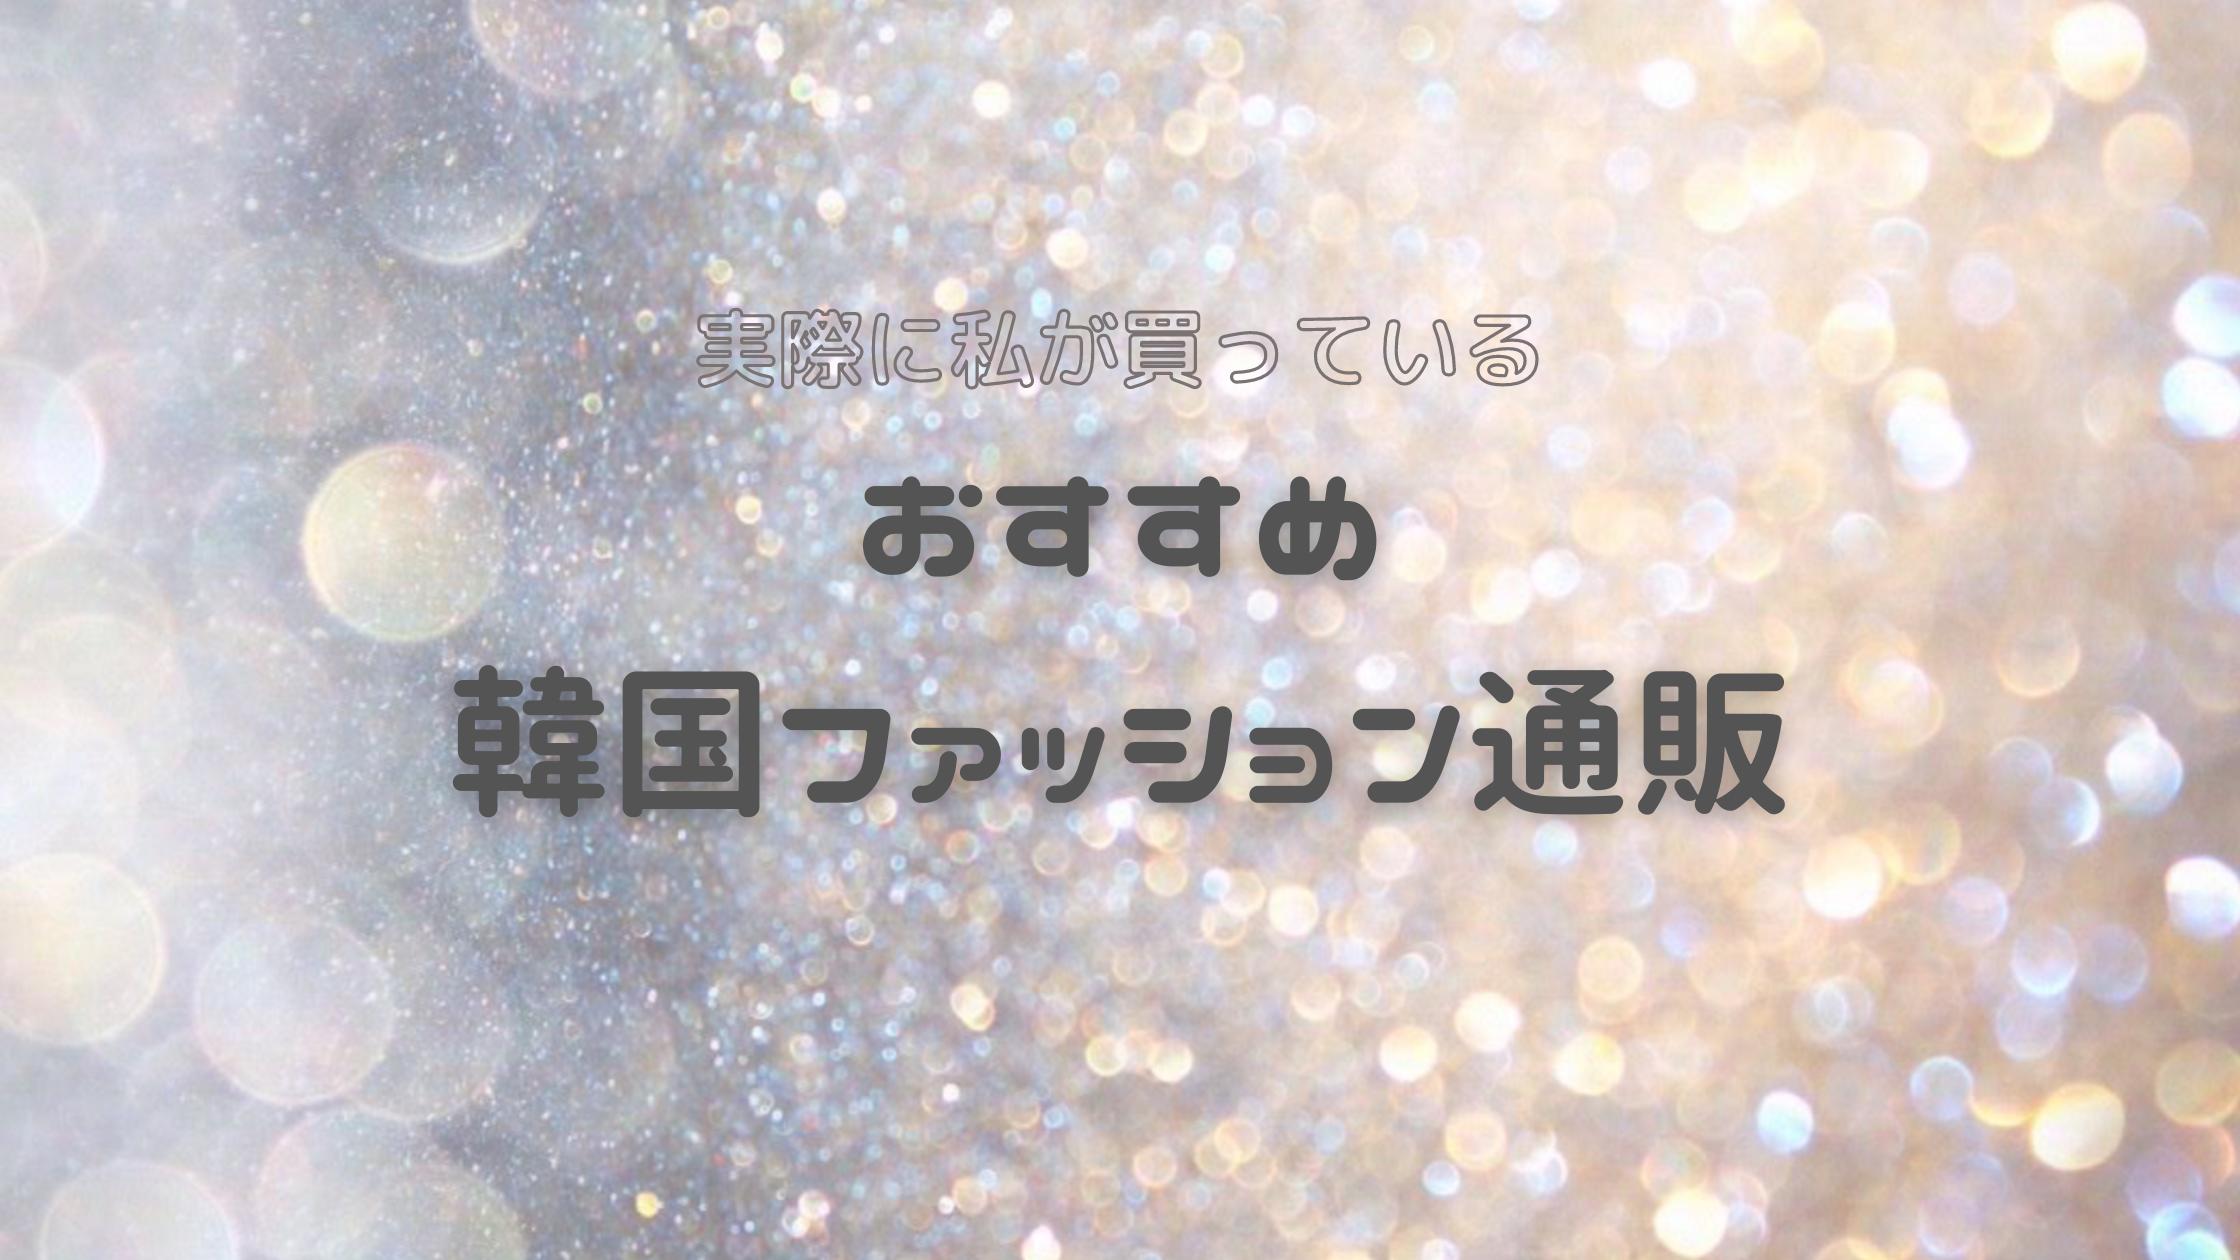 【韓国ファッション通販】プチプラ可愛いから大人向けまで!おしゃれなおすすめ通販5選♡【10~50代向け】